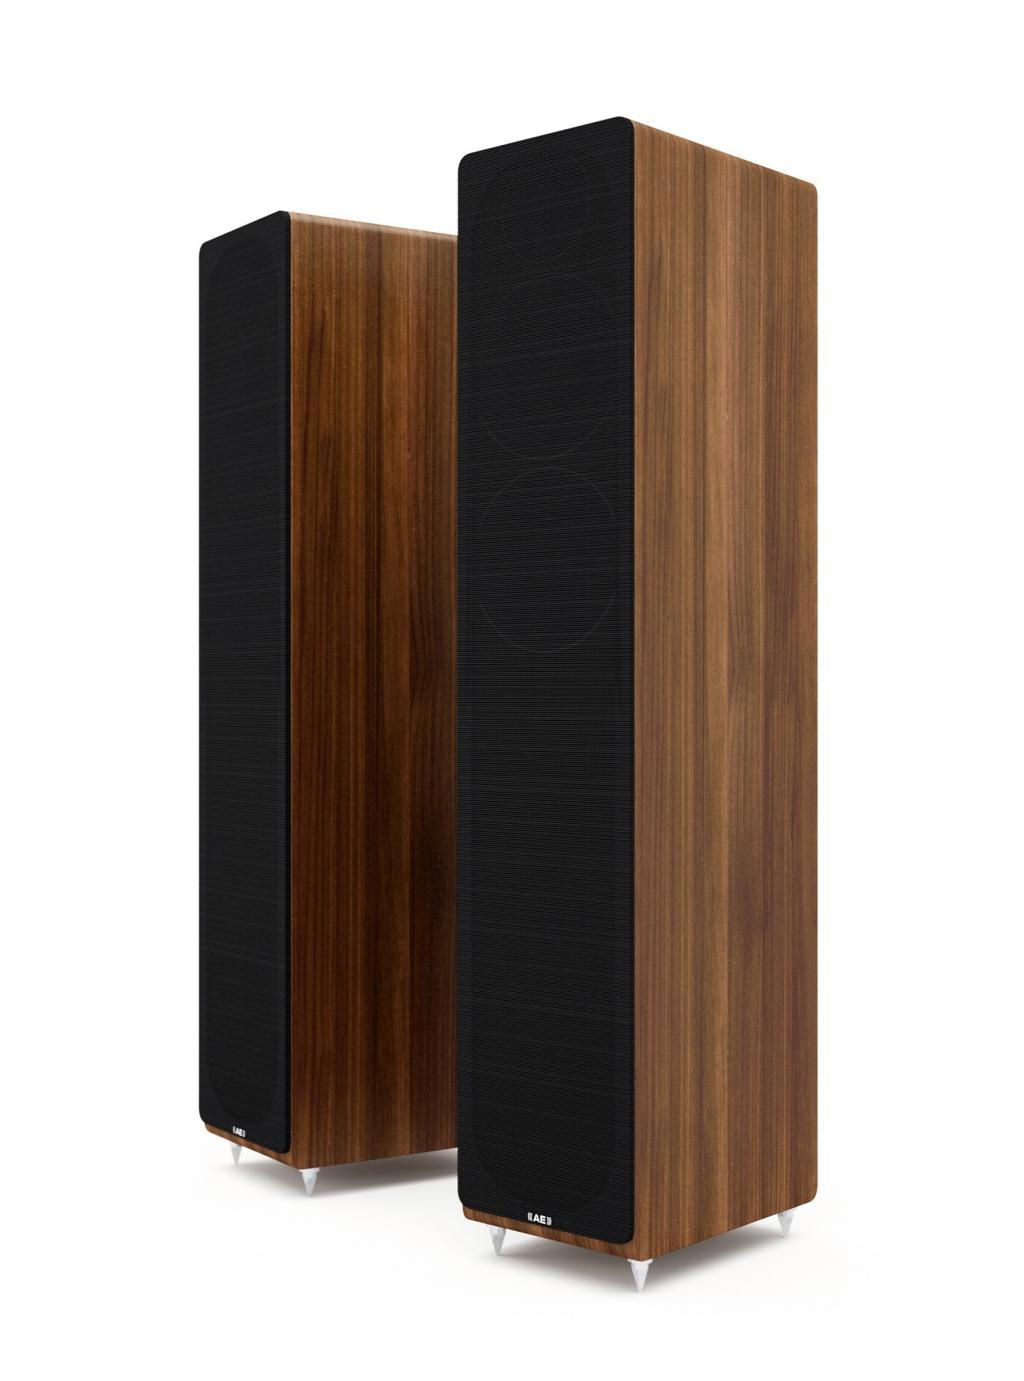 Boxe Acoustic Energy AE309 Walnut wood veneer